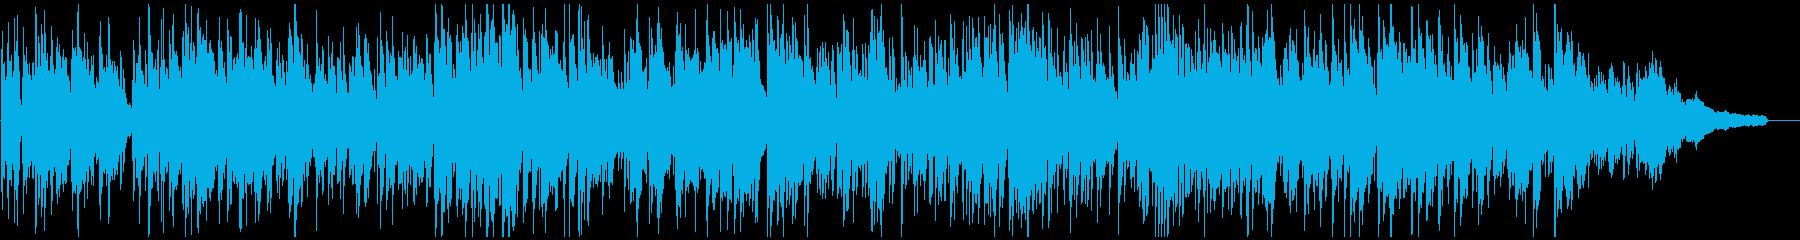 初夏の涼し気なボサノバ・ジャズ、サックスの再生済みの波形